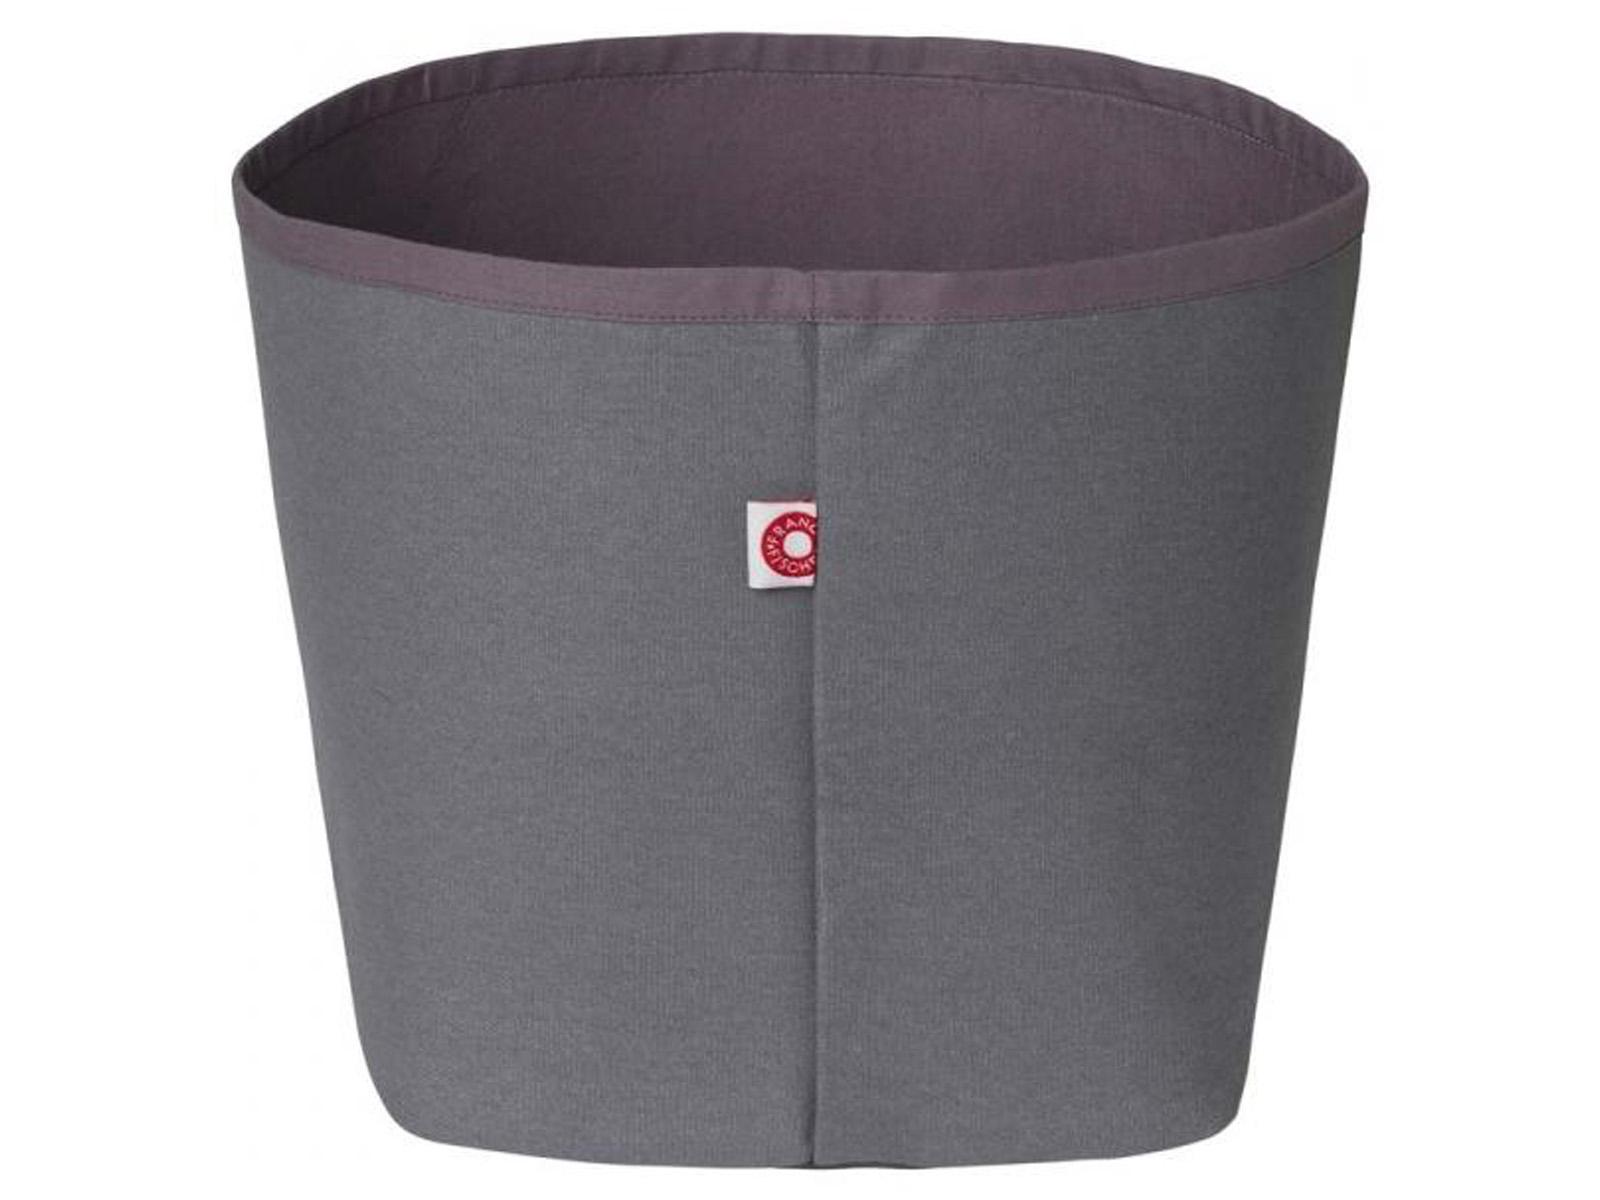 franck fischer aufbewahrungskorb ffchen ida in der farbe dunkelgrau. Black Bedroom Furniture Sets. Home Design Ideas